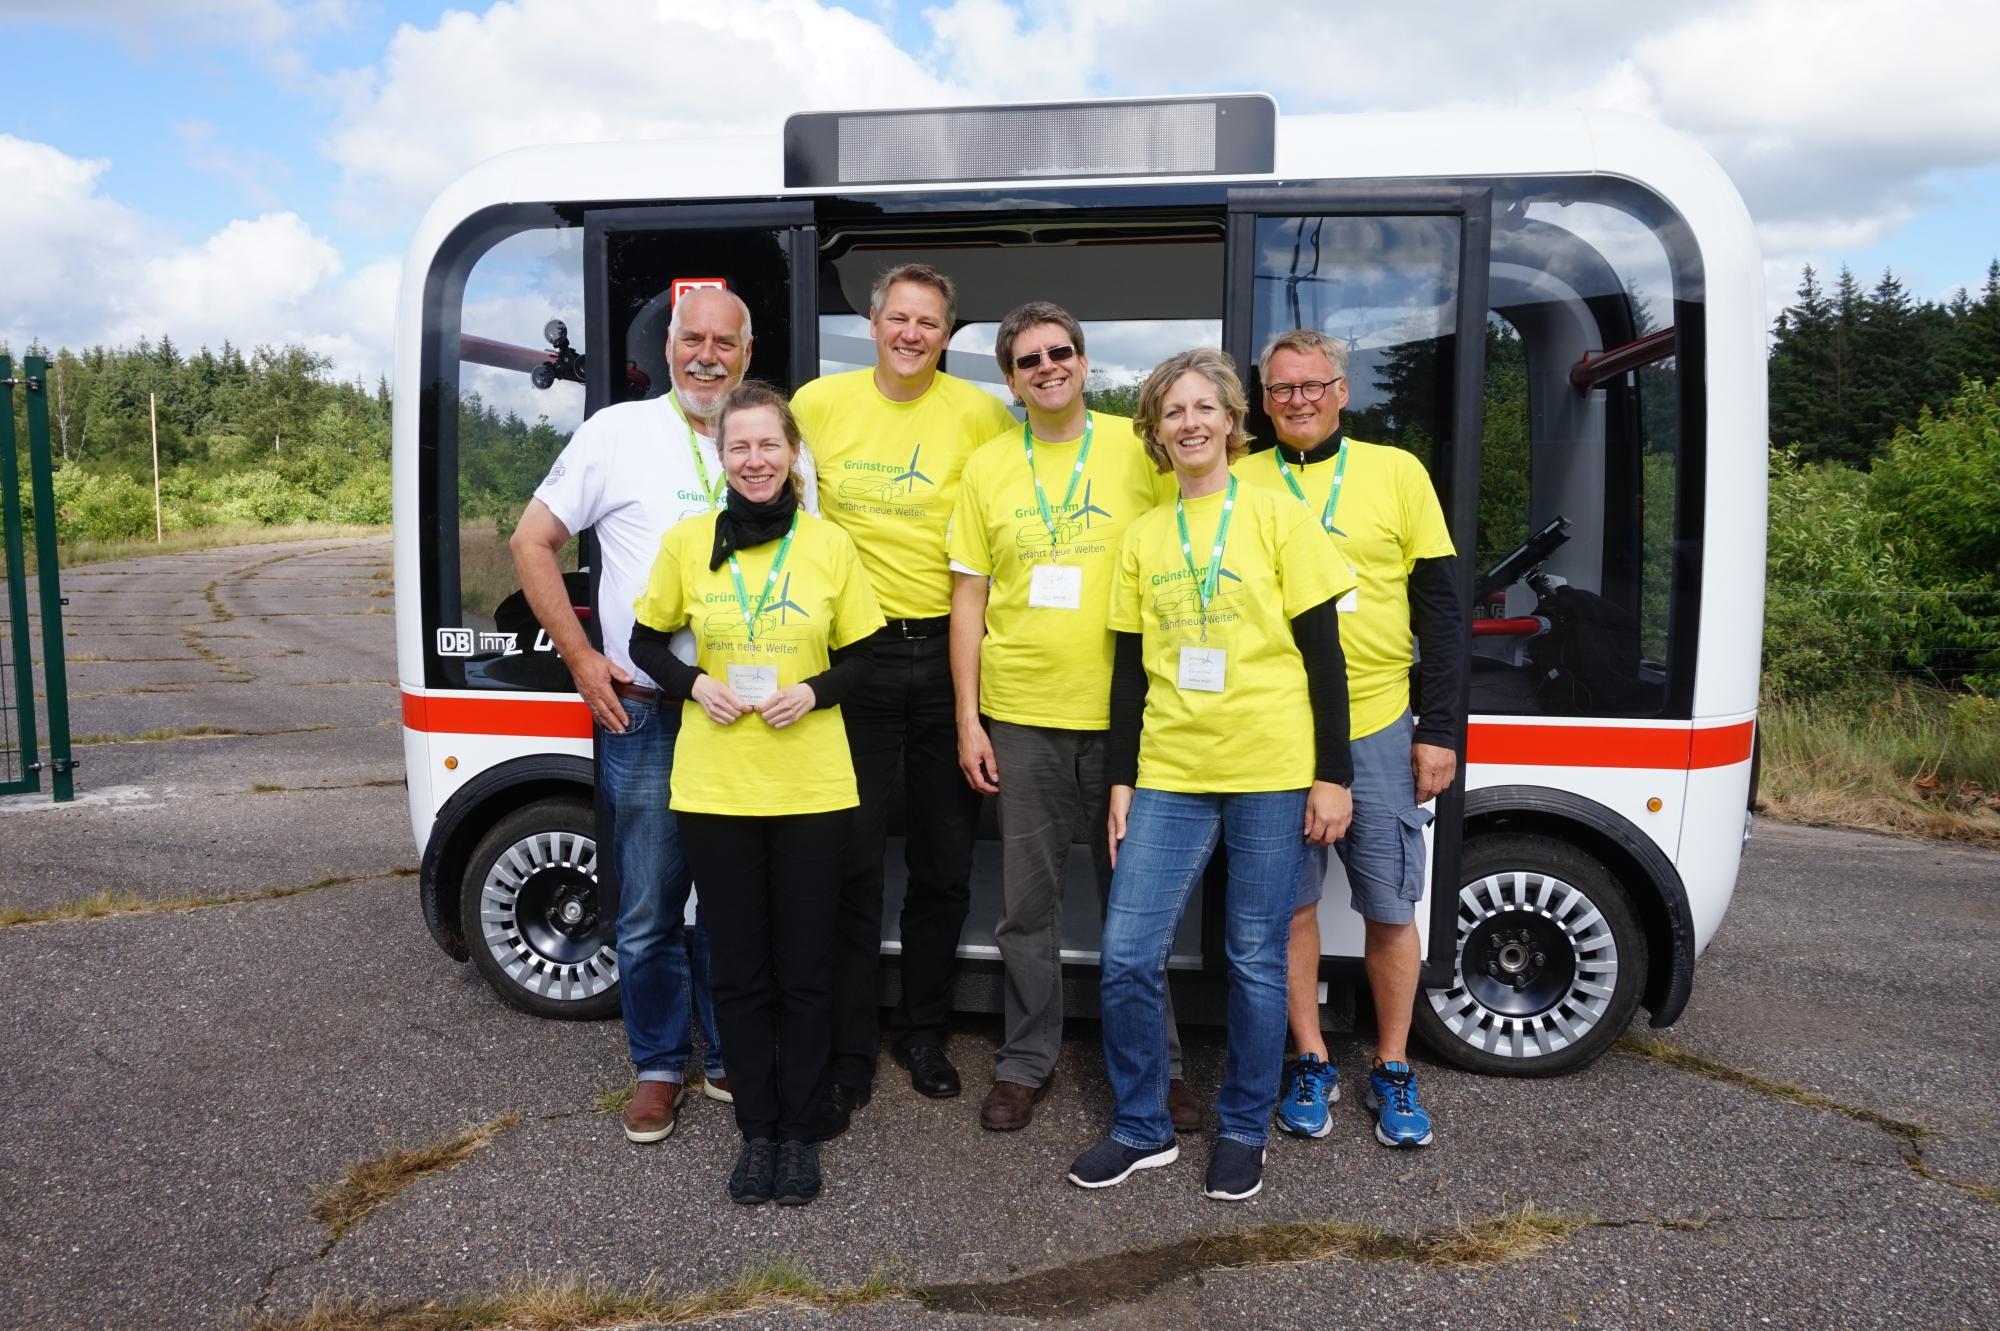 Testfahrt: GreenTEC Campus Team im Juni 2017